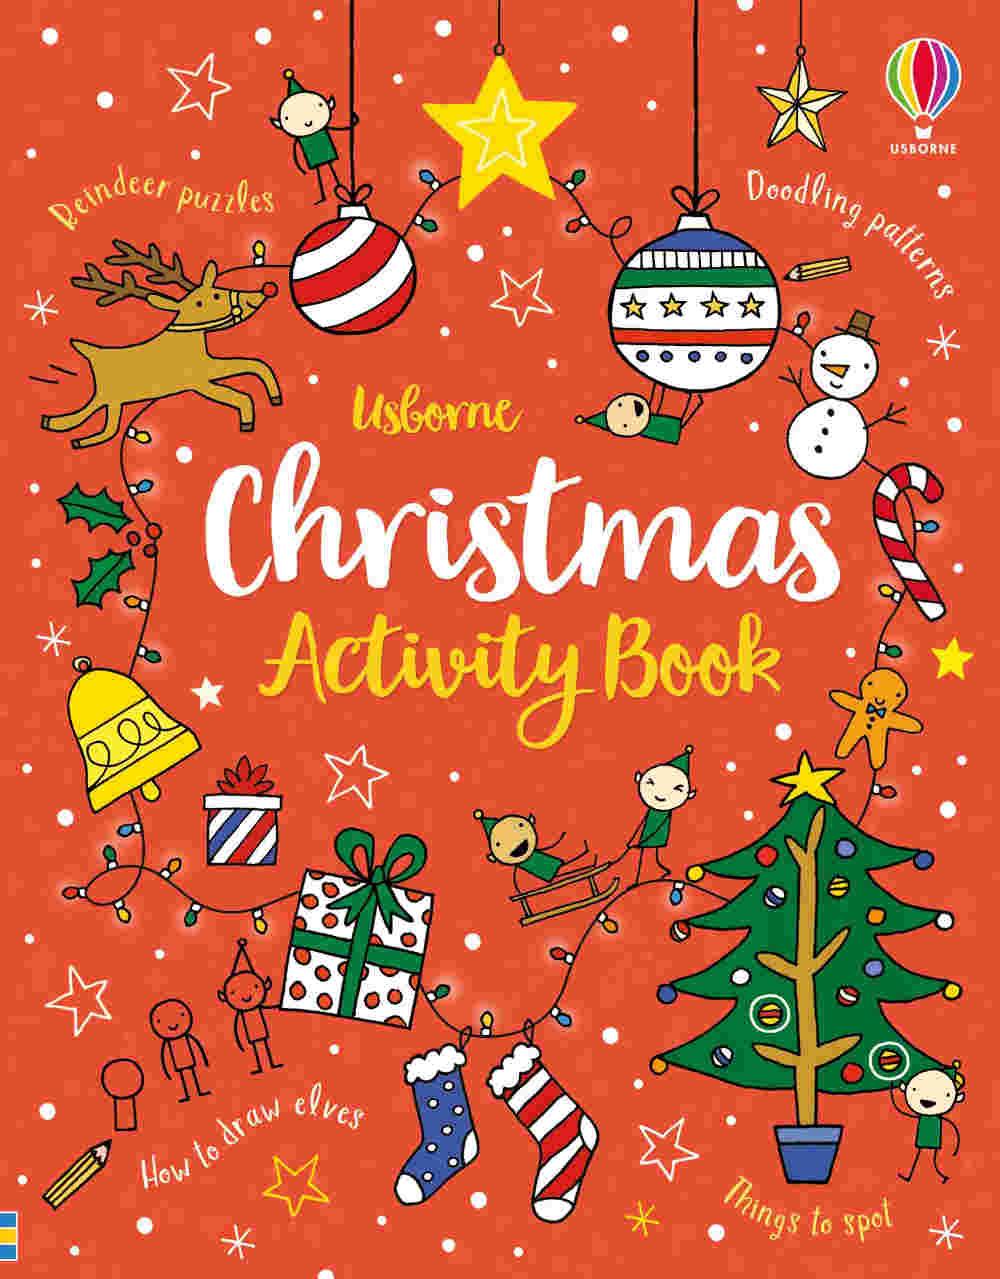 święta książeczki z zadaniami dla dzieci po angielsku